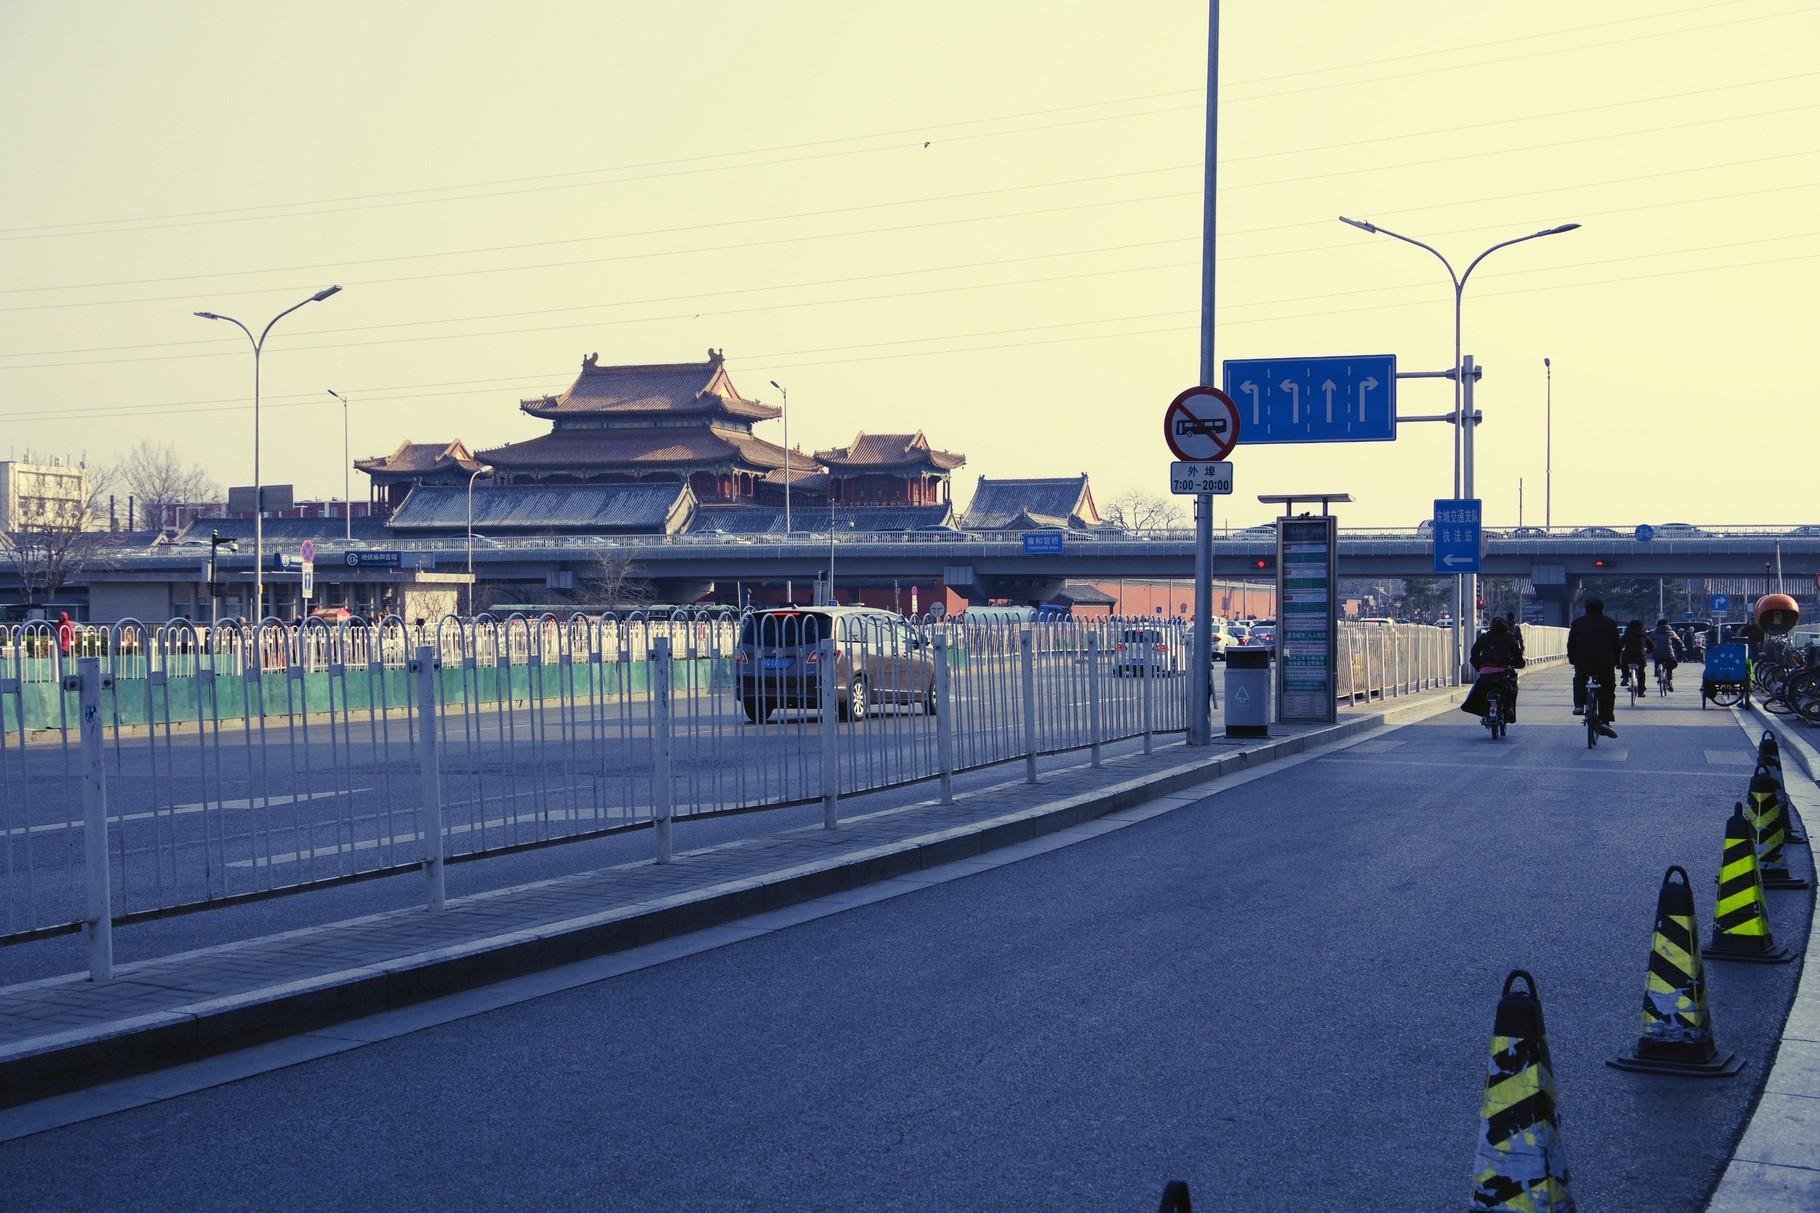 第二環状道路の立体交差の向こうの万仏閣